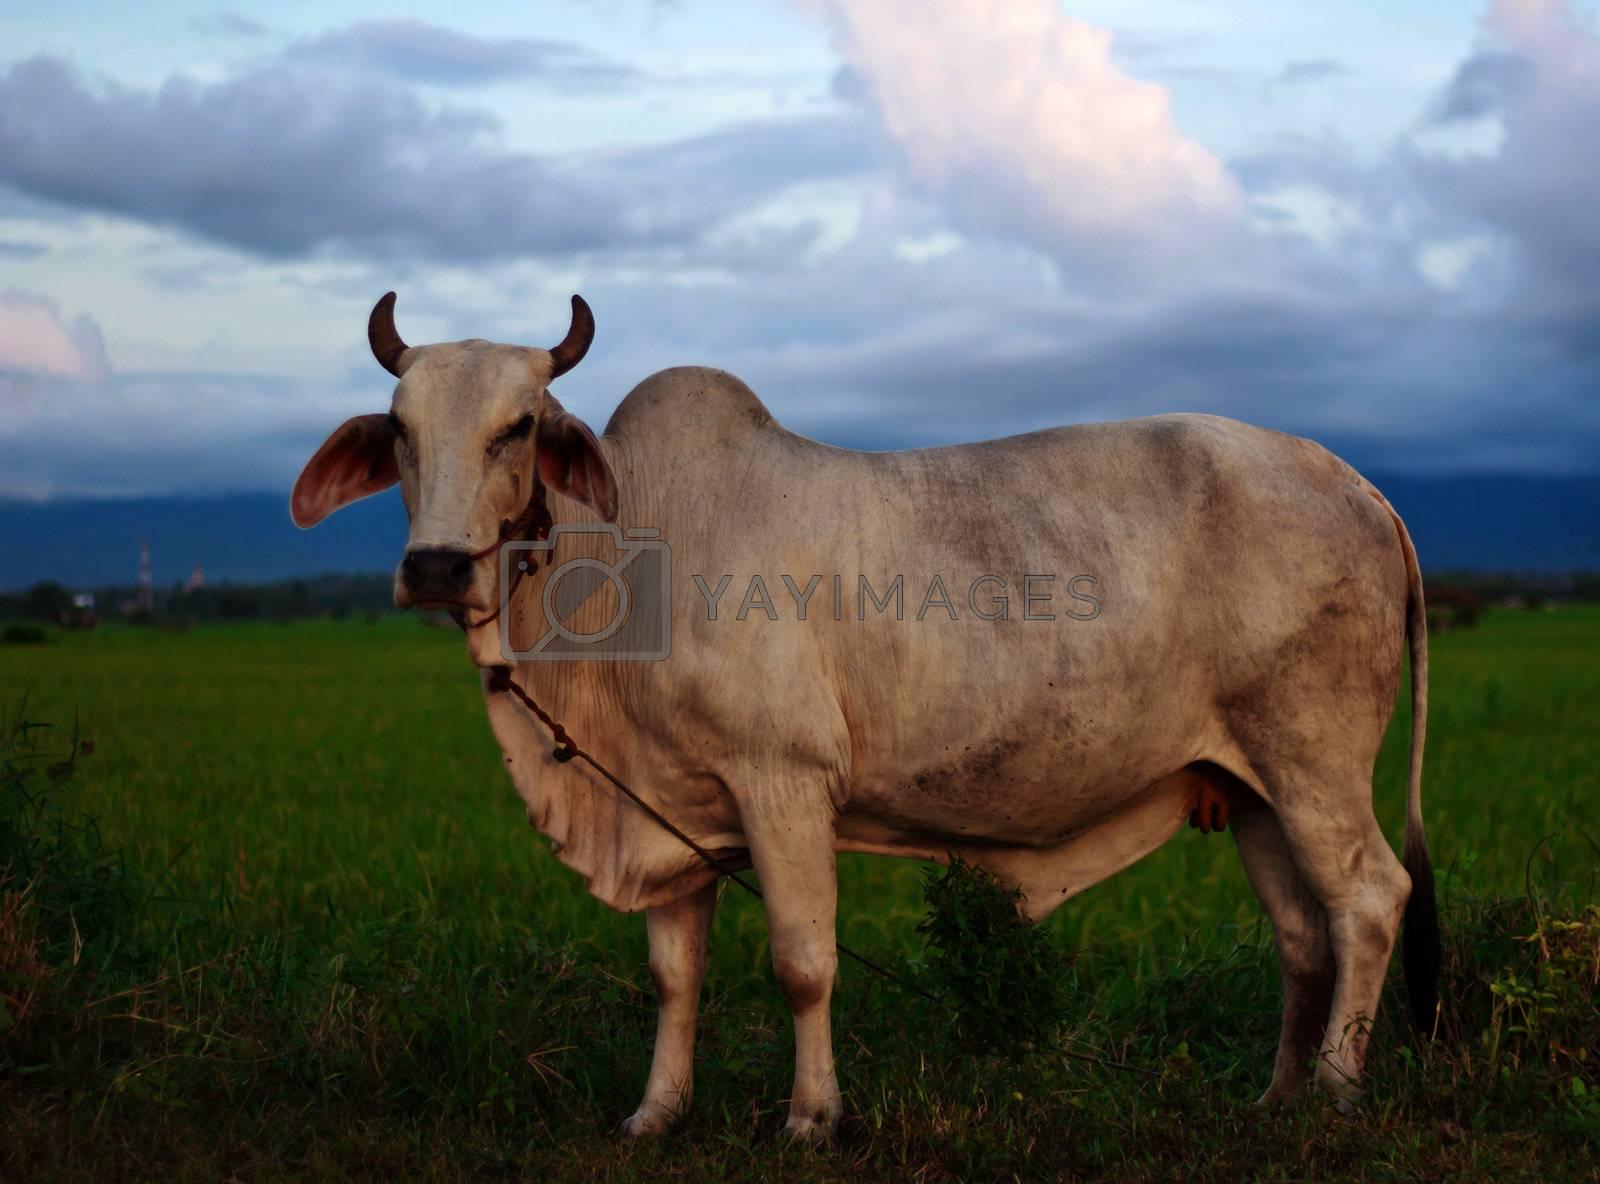 White cows on a farmland